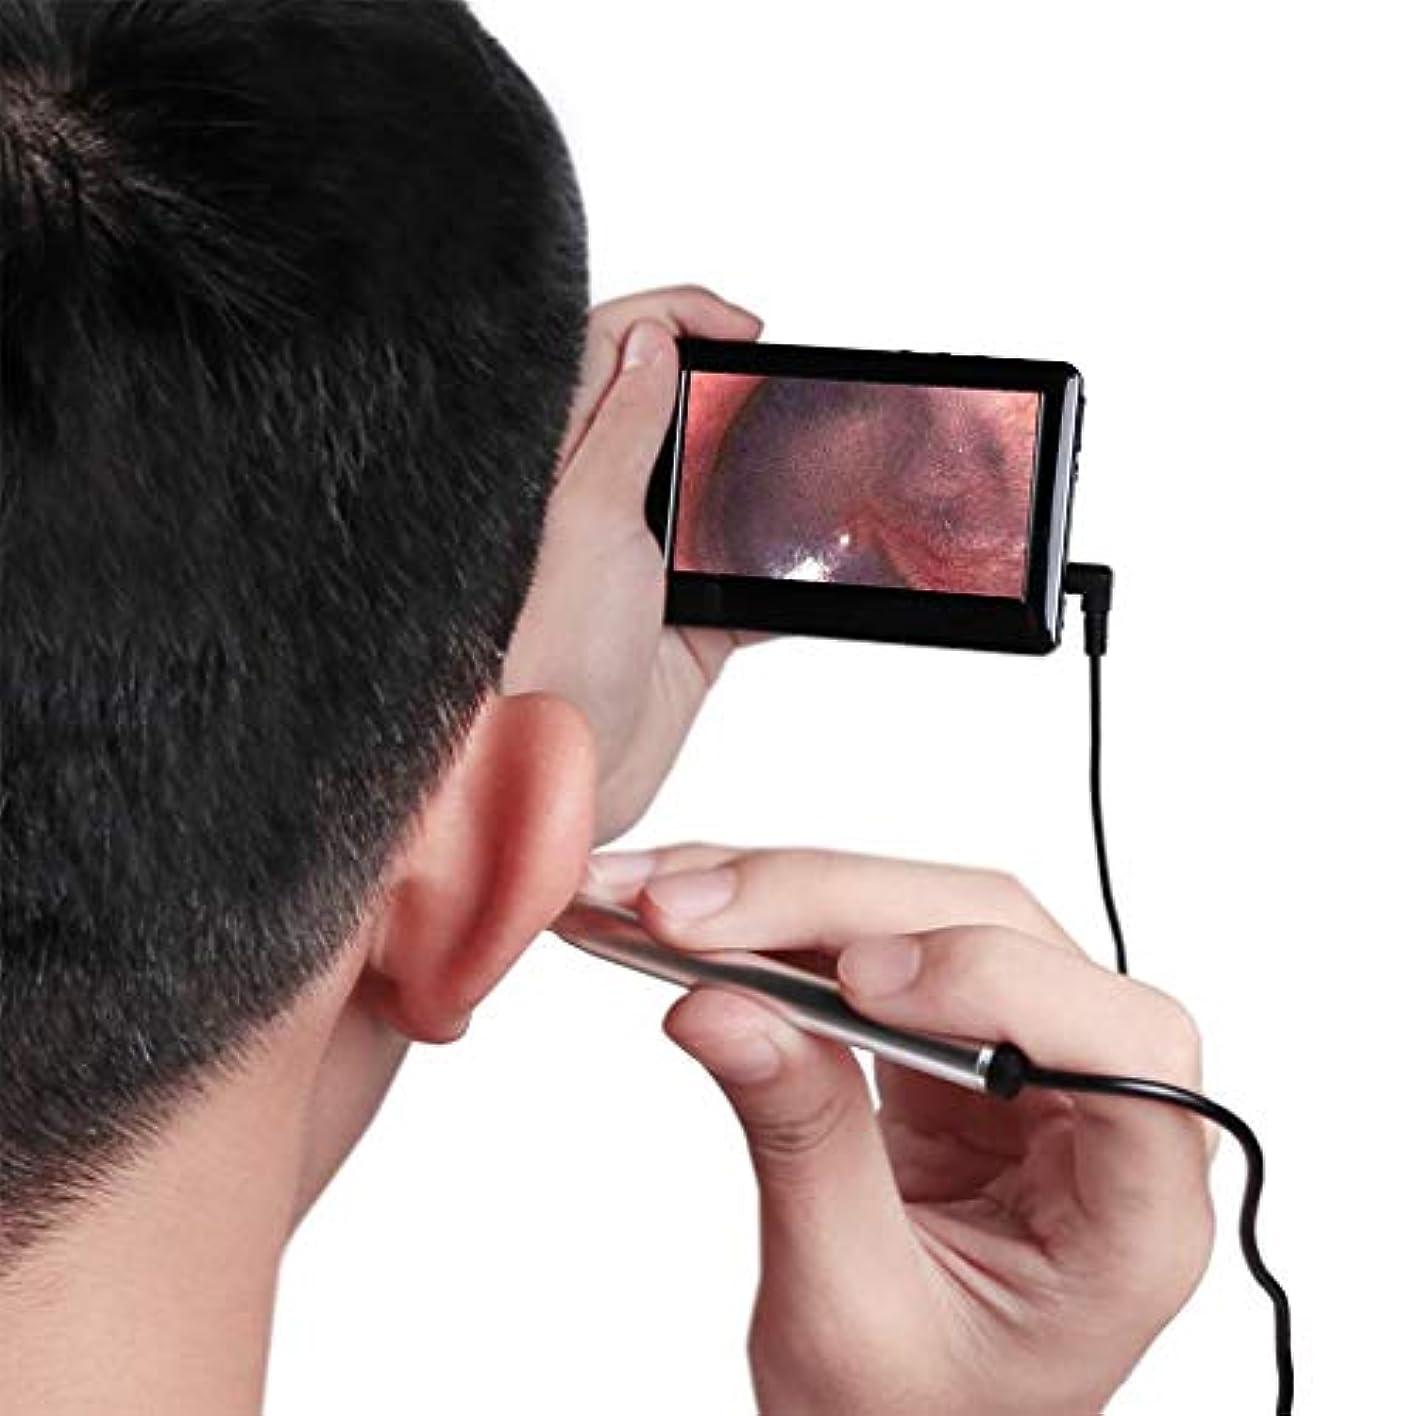 やりすぎ古い銛耳の検査カメラUSB Otoscope(4.3インチディスプレイ付き)耳用スコープ(6 LED耳クリーニング内視鏡プラグアンドプレイ付き)